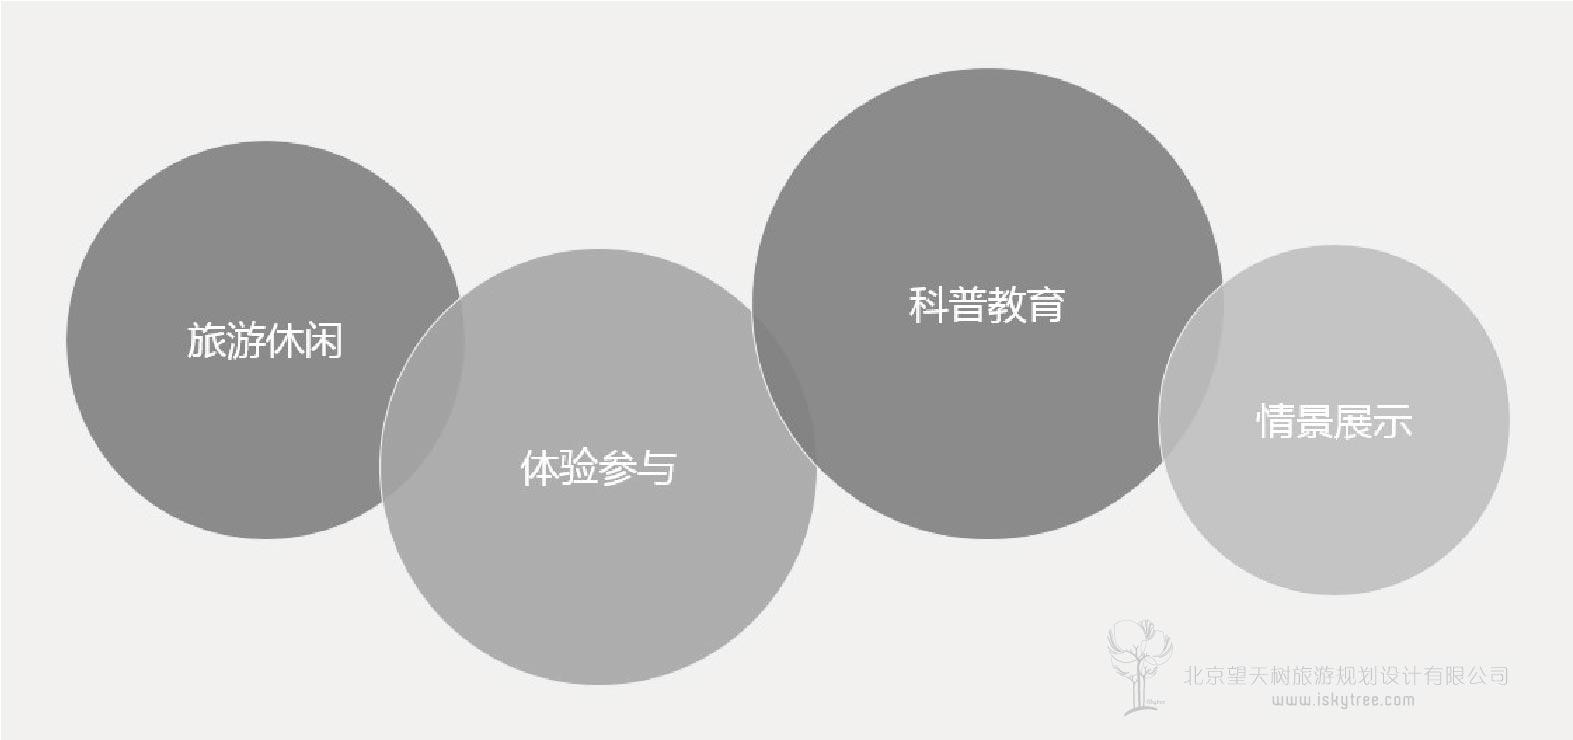 大熊猫科普馆设计构思